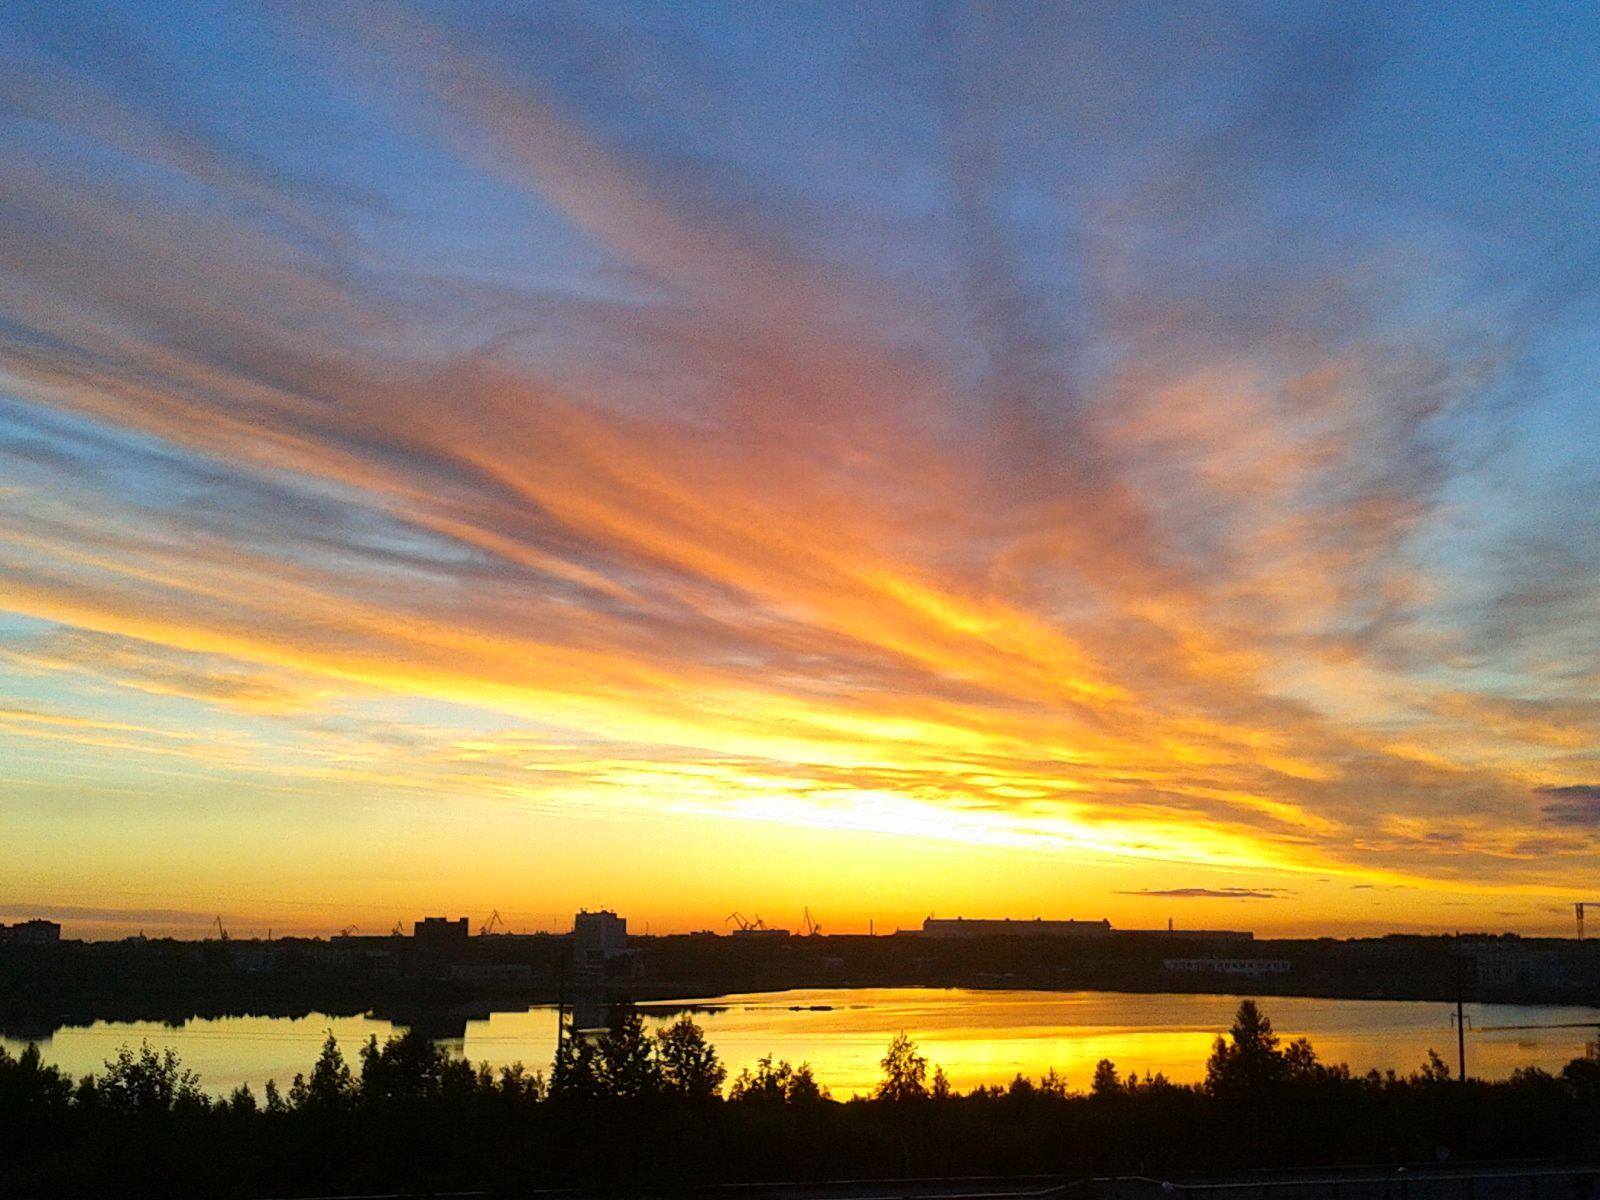 реально фото восхода солнца над ригой ничего